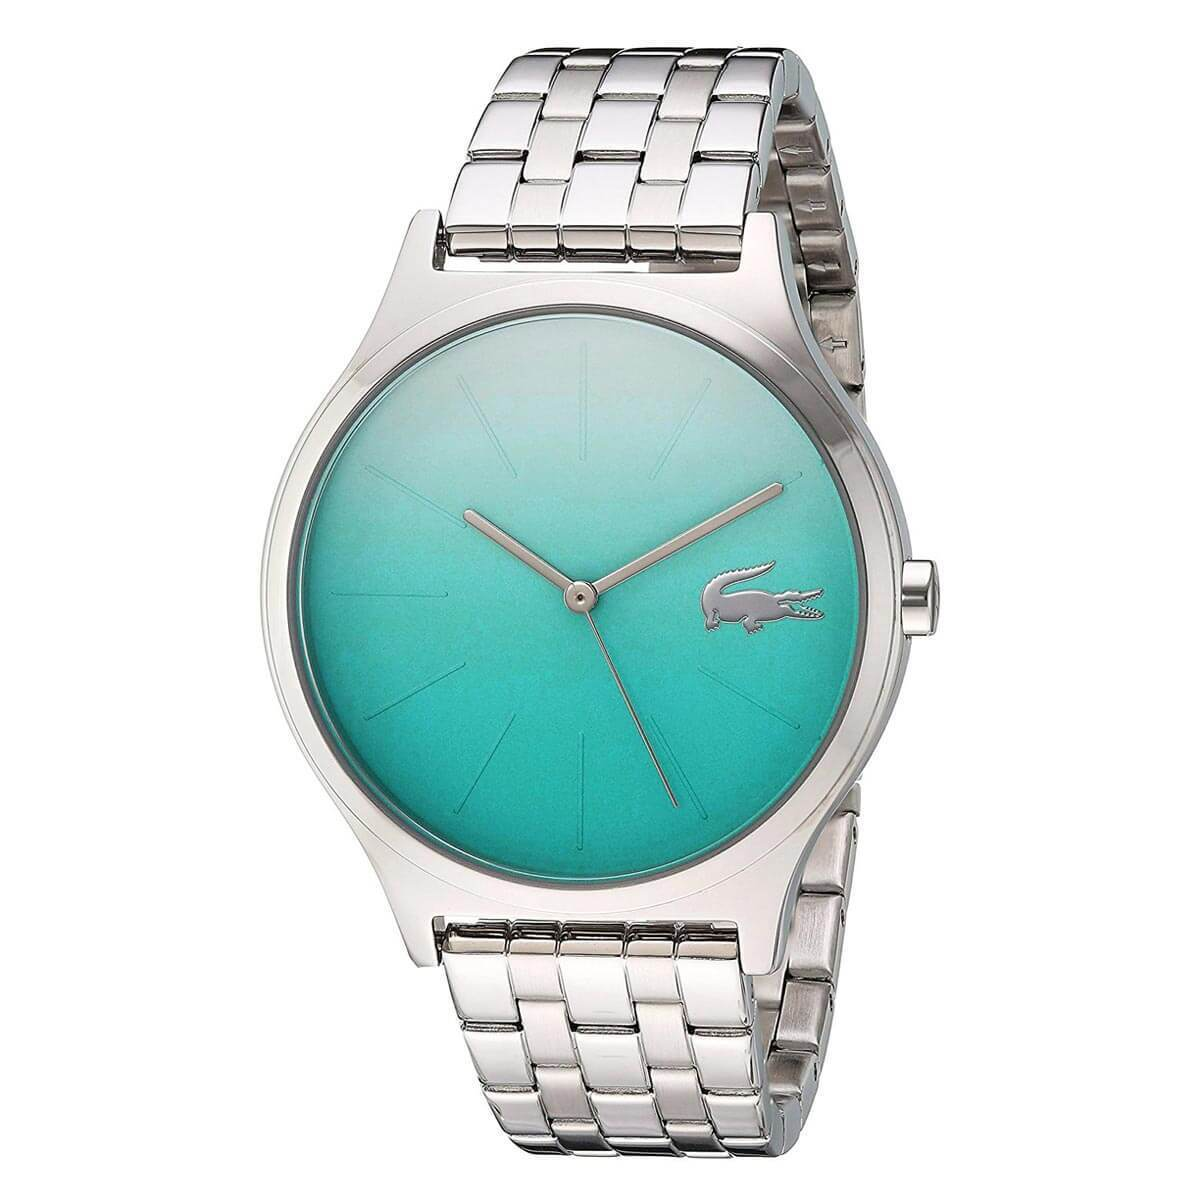 นาฬิกาผู้หญิง Lacoste รุ่น 2000994, Nikita Women's Watch